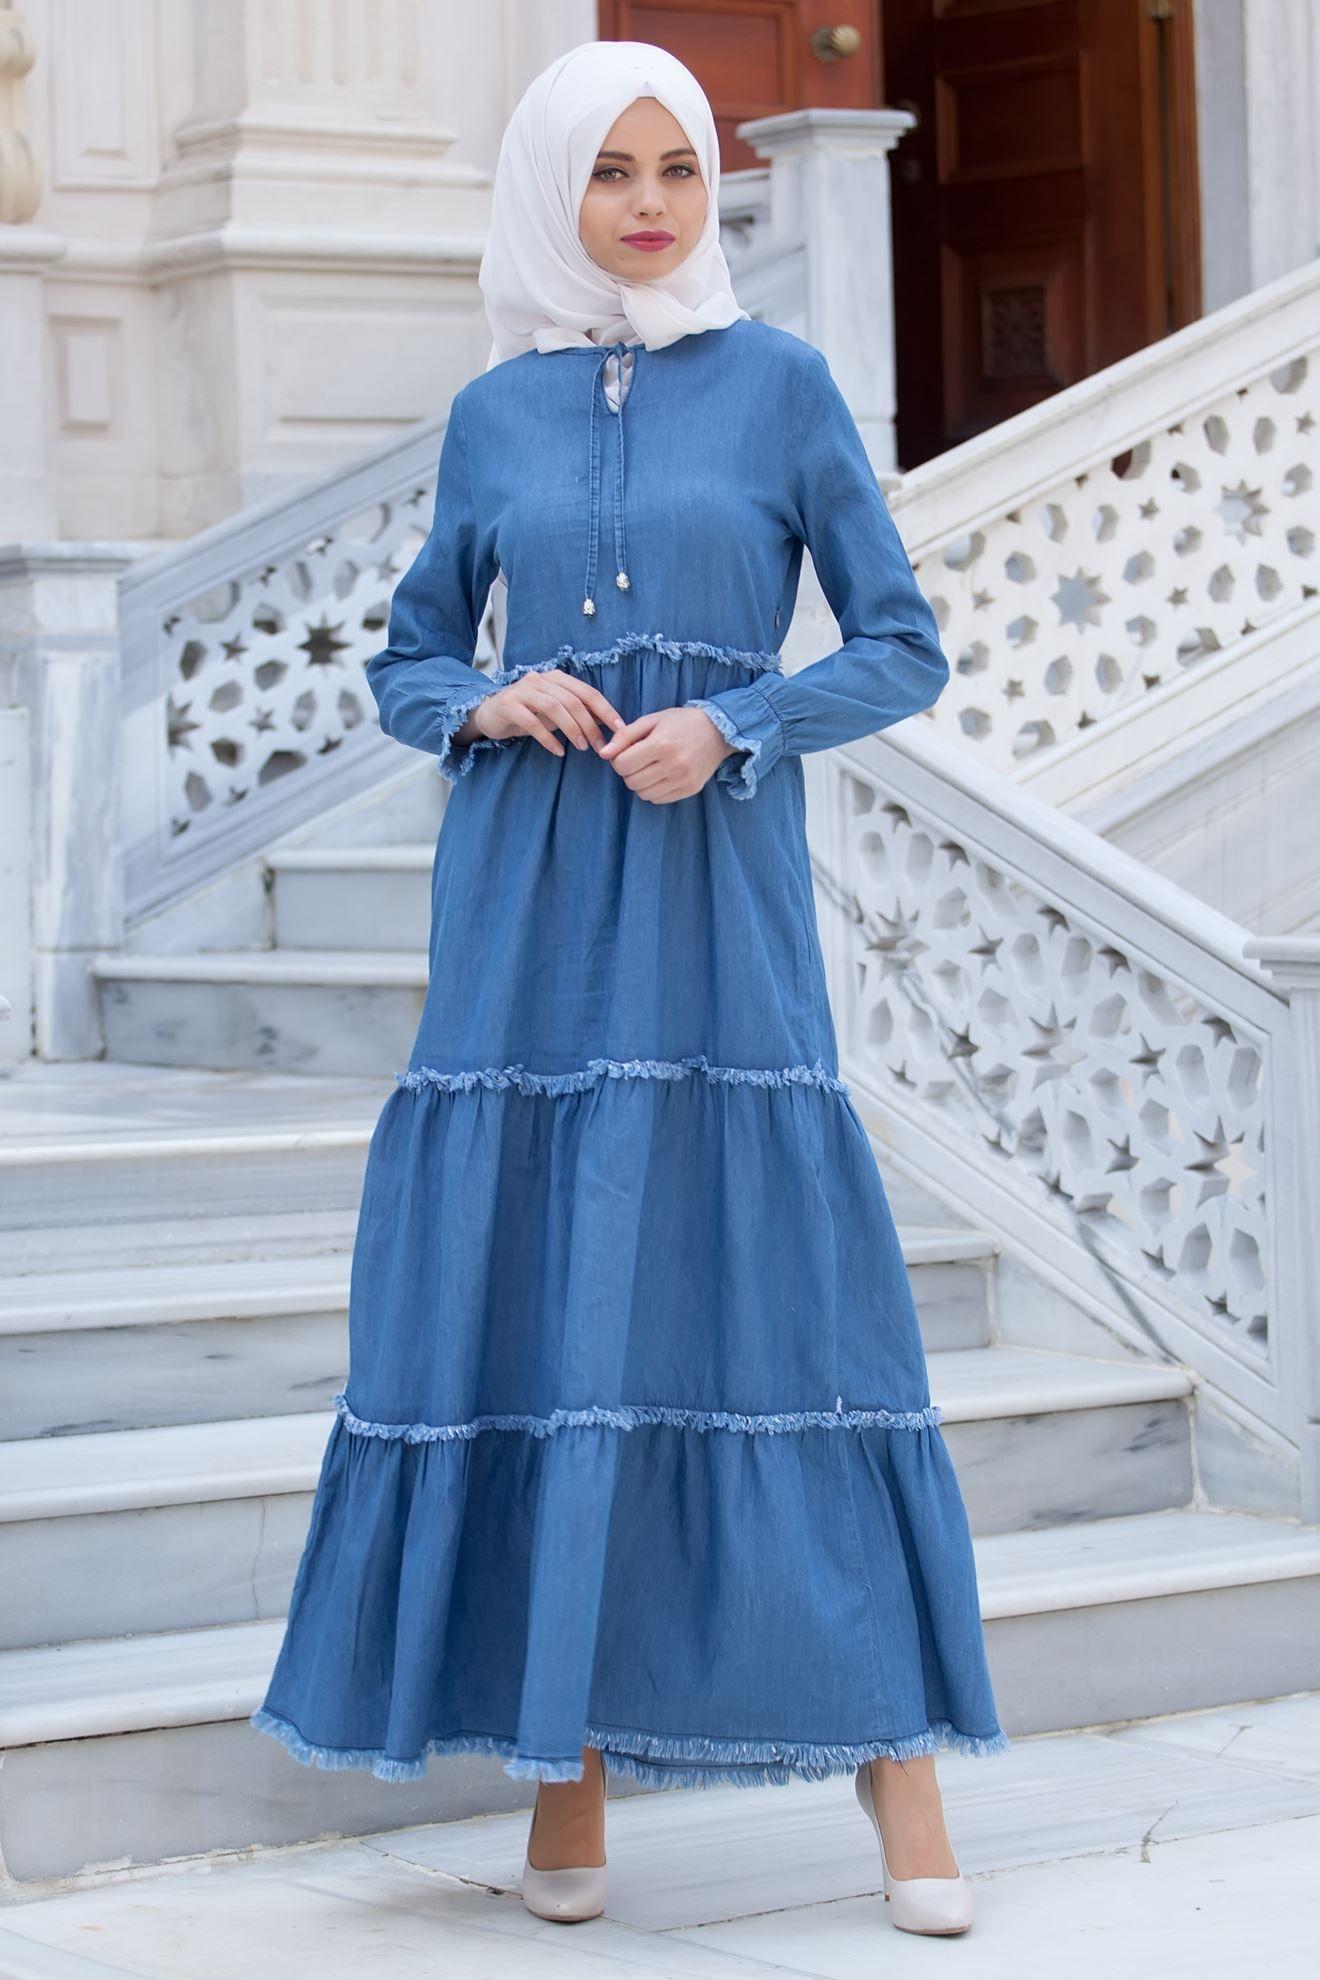 Sedanur Tesettur Kot Elbise Modelleri Kot Elbiseler Maksi Elbiseler Elbise Modelleri